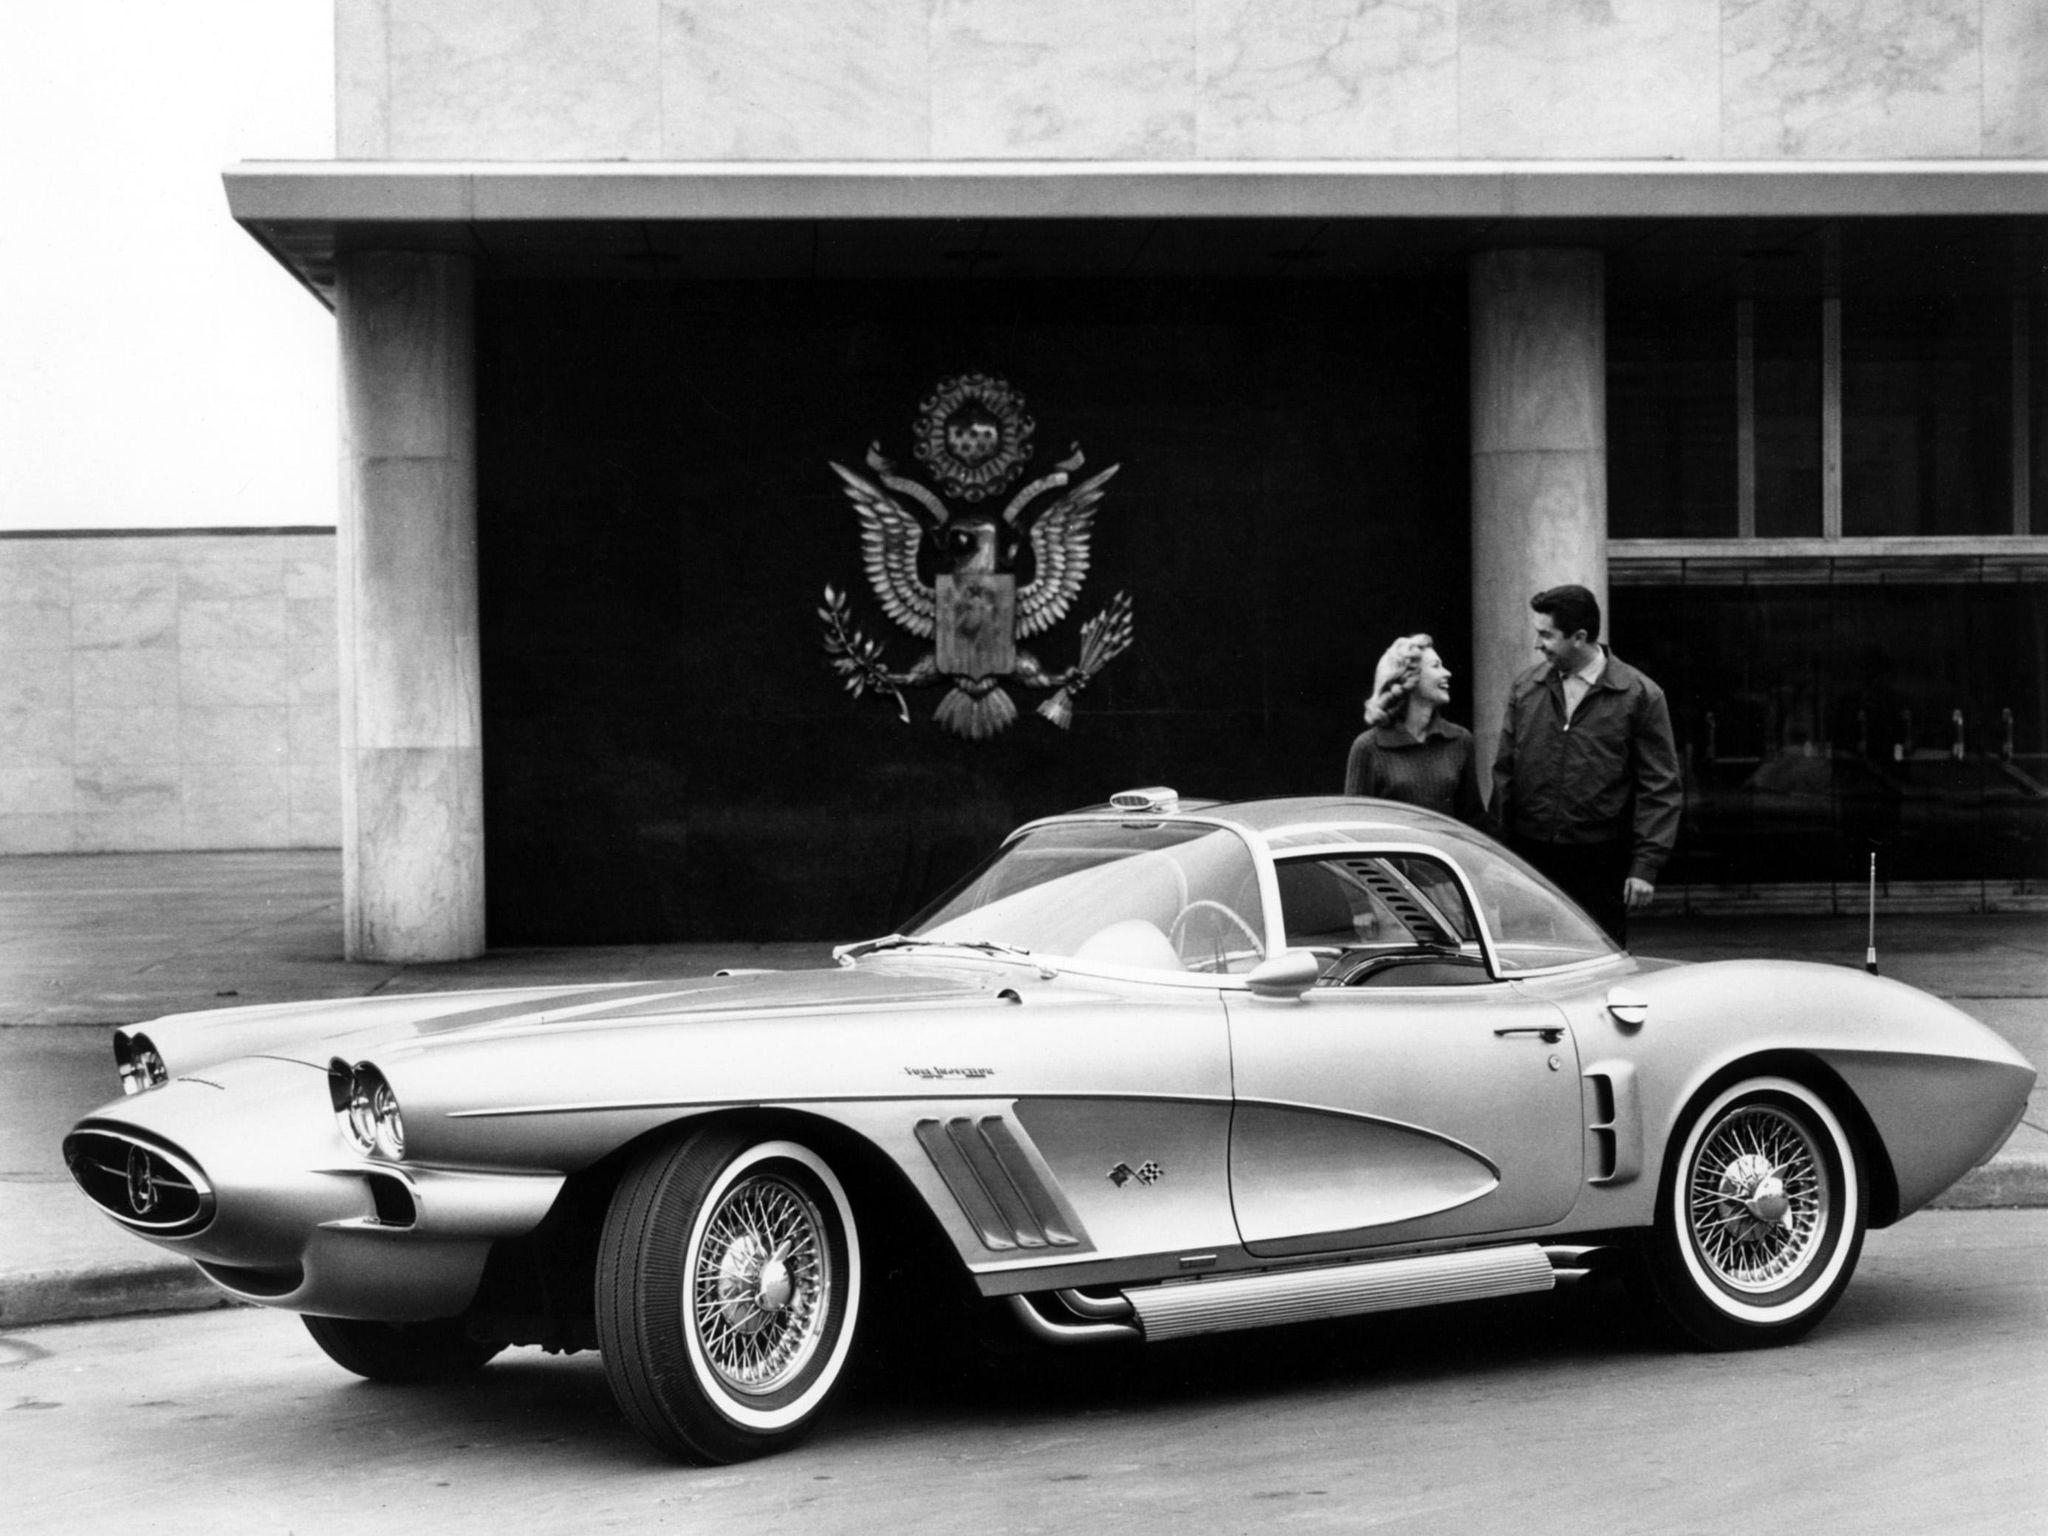 The 1958 corvette concept car